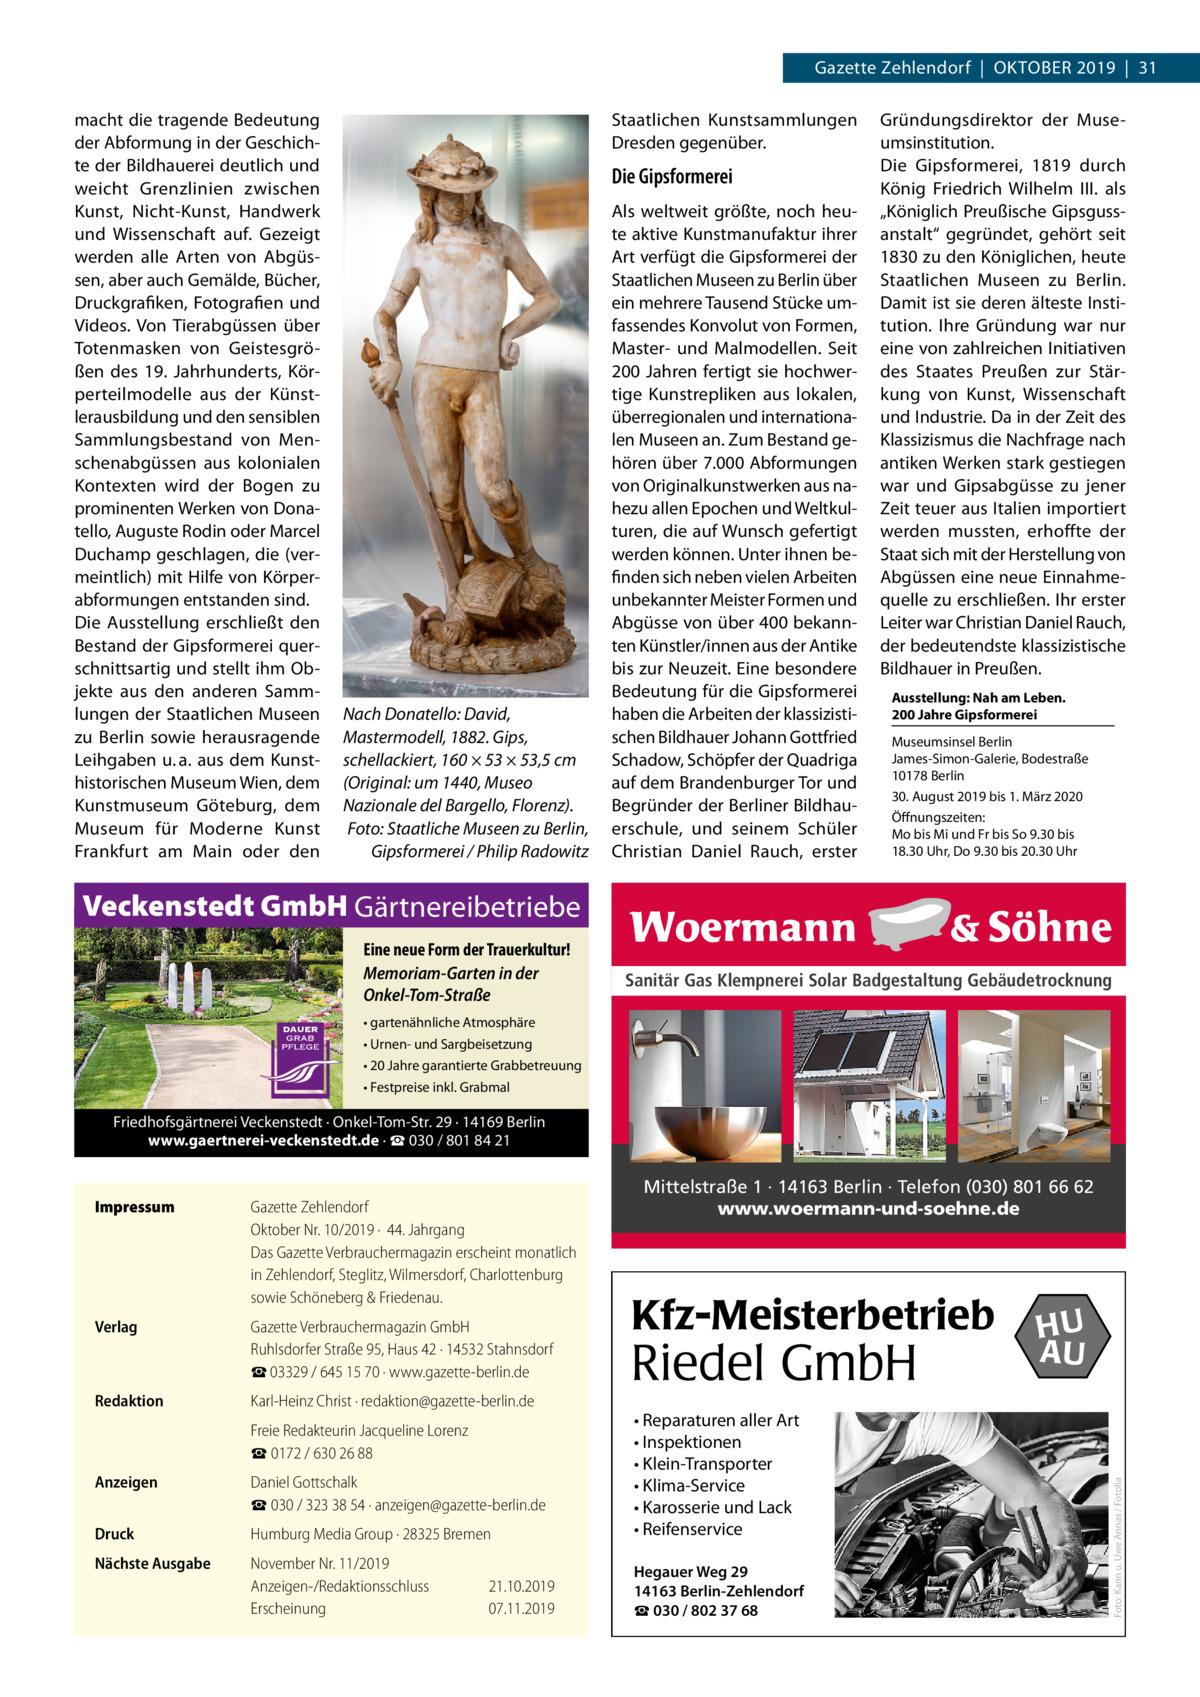 Gazette Zehlendorf|Oktober 2019|31 macht die tragende Bedeutung der Abformung in der Geschichte der Bildhauerei deutlich und weicht Grenzlinien zwischen Kunst, Nicht-Kunst, Handwerk und Wissenschaft auf. Gezeigt werden alle Arten von Abgüssen, aber auch Gemälde, Bücher, Druckgrafiken, Fotografien und Videos. Von Tierabgüssen über Totenmasken von Geistesgrößen des 19. Jahrhunderts, Körperteilmodelle aus der Künstlerausbildung und den sensiblen Sammlungsbestand von Menschenabgüssen aus kolonialen Kontexten wird der Bogen zu prominenten Werken von Donatello, Auguste Rodin oder Marcel Duchamp geschlagen, die (vermeintlich) mit Hilfe von Körperabformungen entstanden sind. Die Ausstellung erschließt den Bestand der Gipsformerei querschnittsartig und stellt ihm Objekte aus den anderen Sammlungen der Staatlichen Museen zu Berlin sowie herausragende Leihgaben u.a. aus dem Kunsthistorischen Museum Wien, dem Kunstmuseum Göteburg, dem Museum für Moderne Kunst Frankfurt am Main oder den  Staatlichen Kunstsammlungen Dresden gegenüber.  Die Gipsformerei  Nach Donatello: David, Mastermodell, 1882. Gips, schellackiert, 160 × 53 × 53,5cm (Original: um 1440, Museo Nazionale del Bargello, Florenz). Foto: Staatliche Museen zu Berlin, Gipsformerei / Philip Radowitz  Als weltweit größte, noch heute aktive Kunstmanufaktur ihrer Art verfügt die Gipsformerei der Staatlichen Museen zu Berlin über ein mehrere Tausend Stücke umfassendes Konvolut von Formen, Master- und Malmodellen. Seit 200Jahren fertigt sie hochwertige Kunstrepliken aus lokalen, überregionalen und internationalen Museen an. Zum Bestand gehören über 7.000 Abformungen von Originalkunstwerken aus nahezu allen Epochen und Weltkulturen, die auf Wunsch gefertigt werden können. Unter ihnen befinden sich neben vielen Arbeiten unbekannter Meister Formen und Abgüsse von über 400 bekannten Künstler/innen aus der Antike bis zur Neuzeit. Eine besondere Bedeutung für die Gipsformerei haben die Arbeiten der klassizistischen Bildhauer Johann 